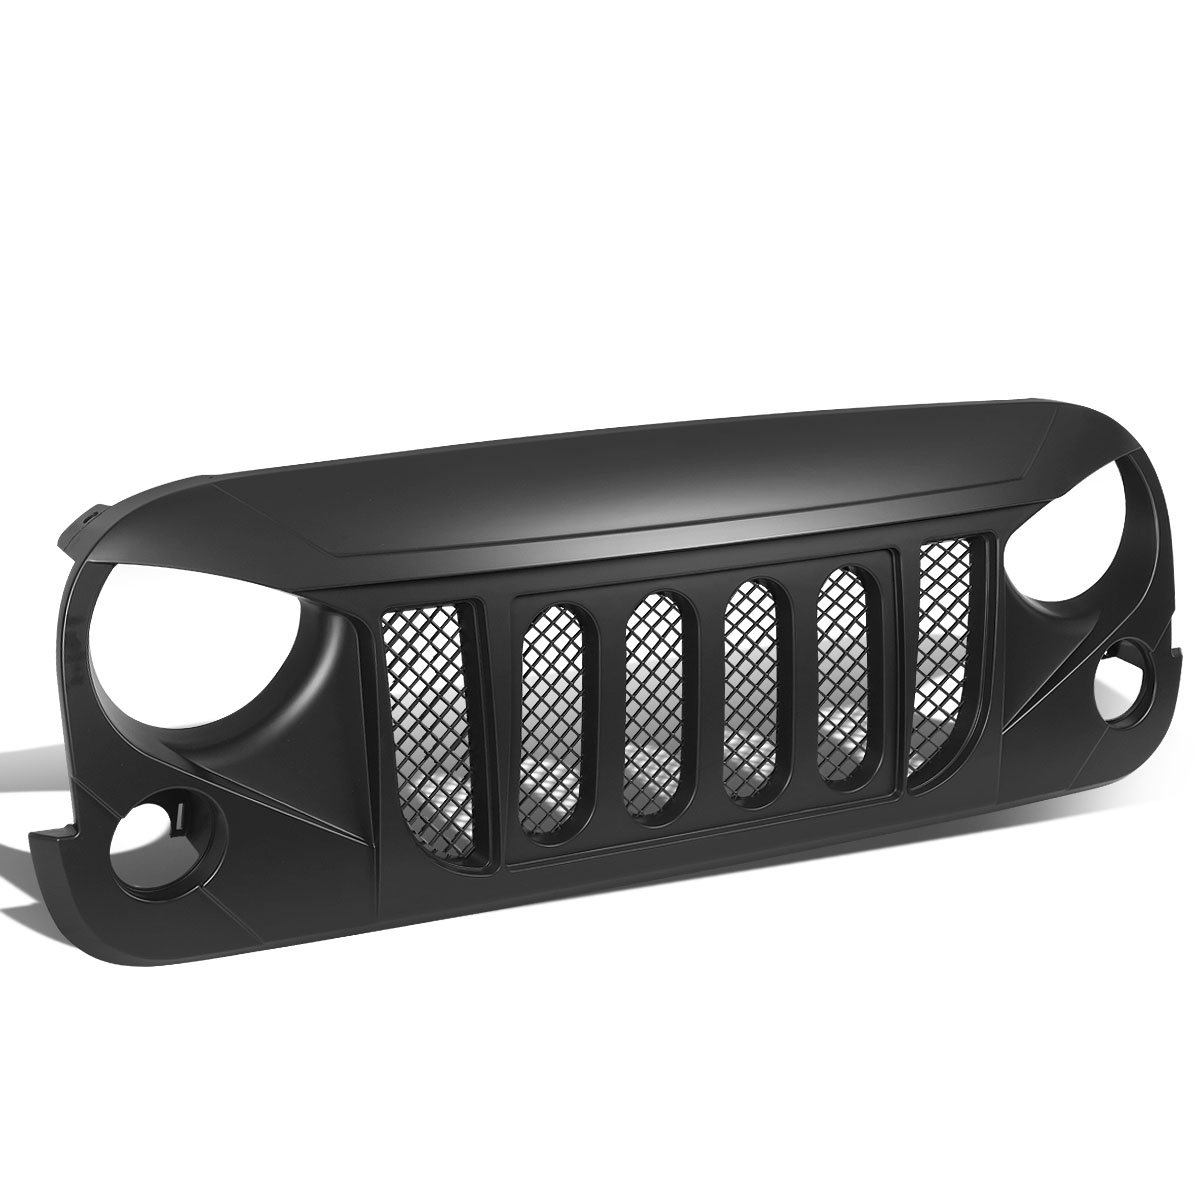 DNA Motoring GR-ZTL-8014 Front Bumper Grille Guard For 07-17 Jeep Wrangler